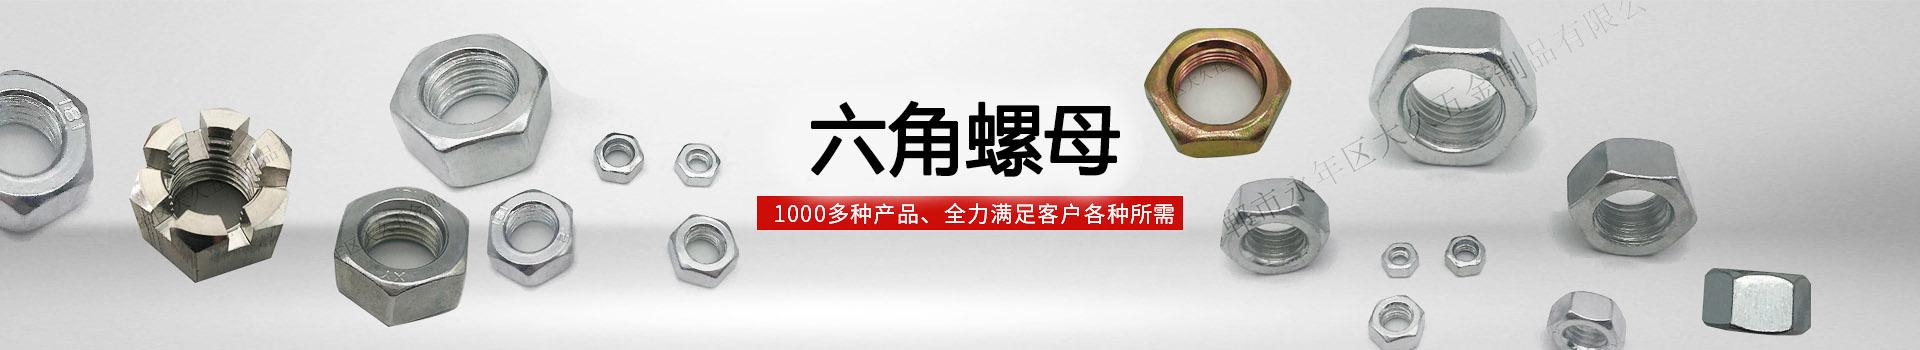 大久六角螺母,1000多种产品,全力满足客户各种所需